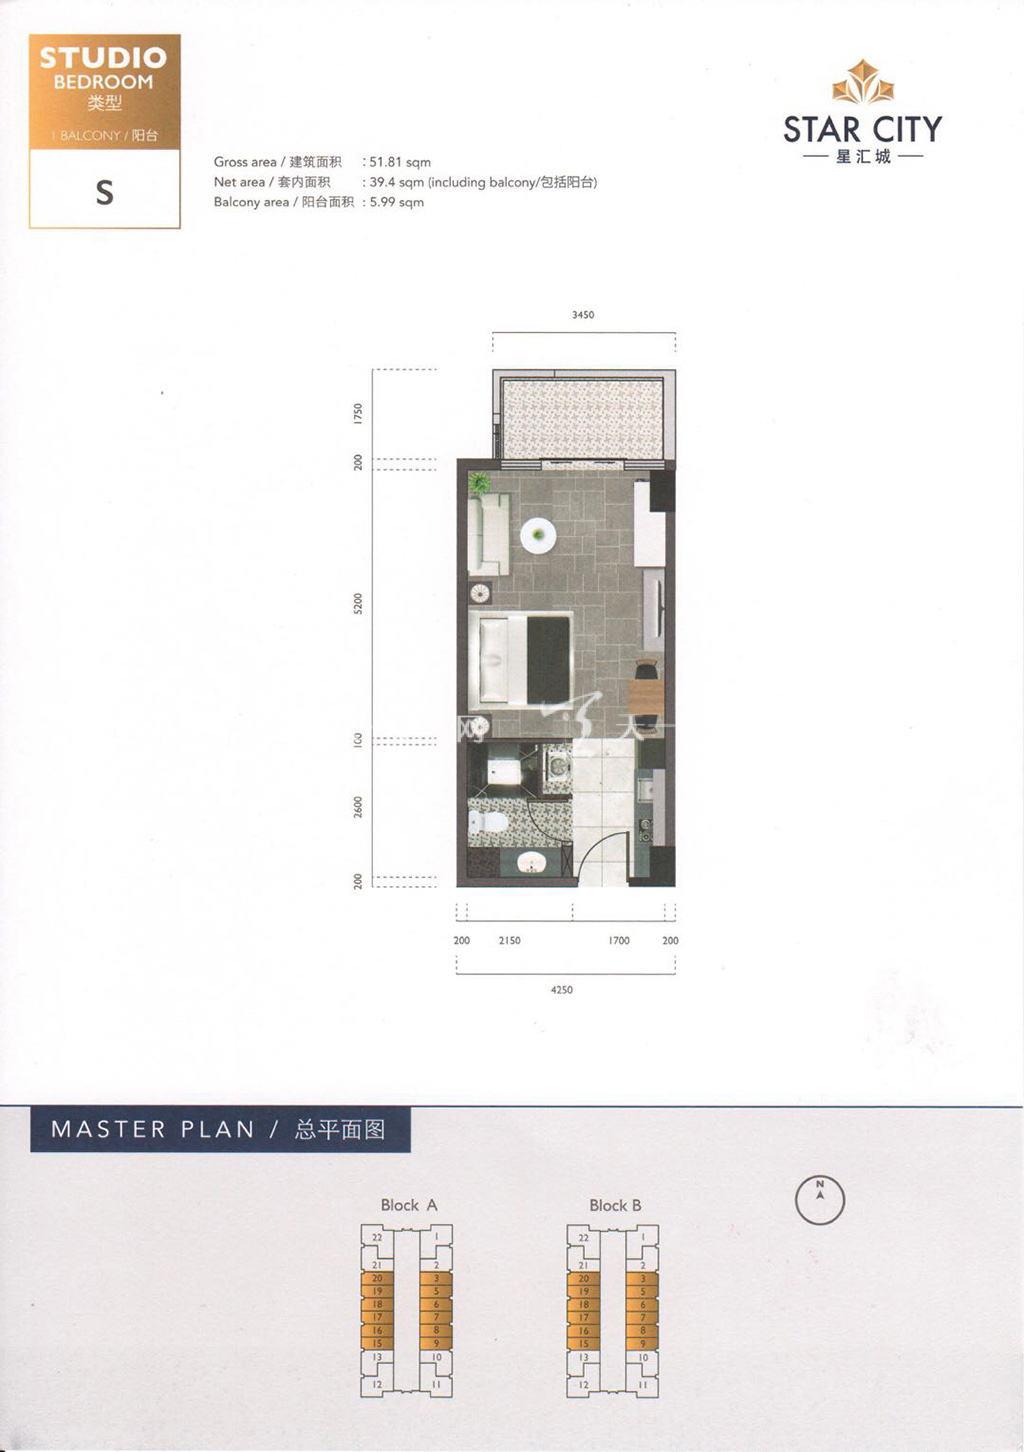 星汇城S户型-单间1厅1阳台建筑面积